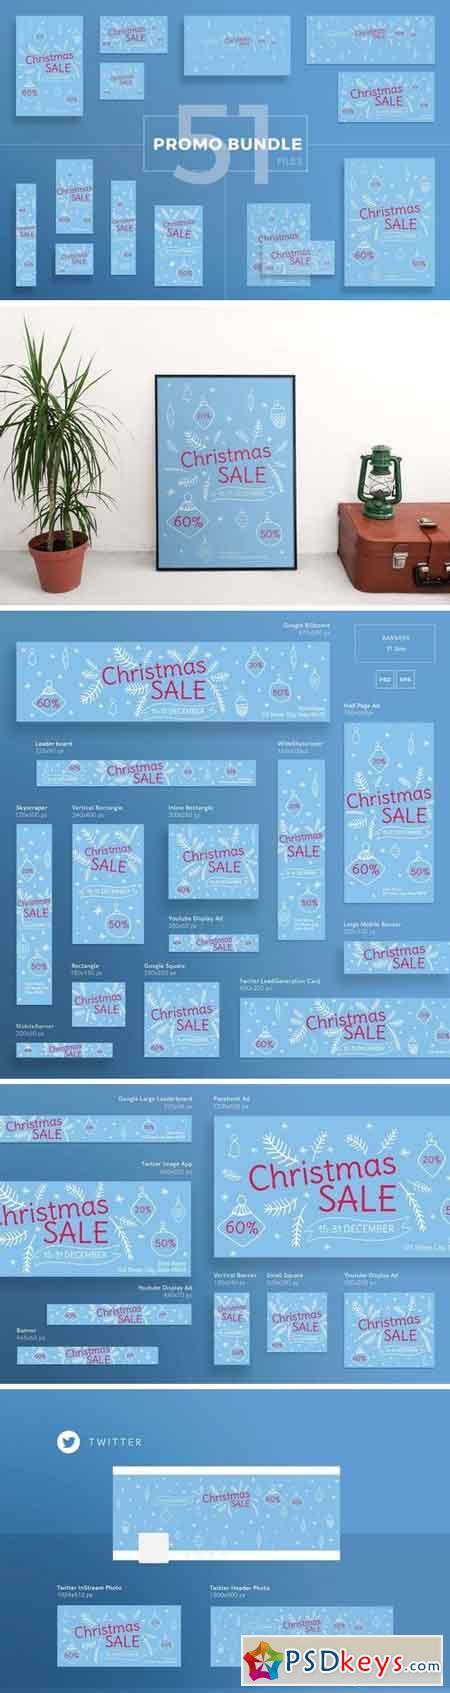 Promo Bundle Christmas Sale 2085535